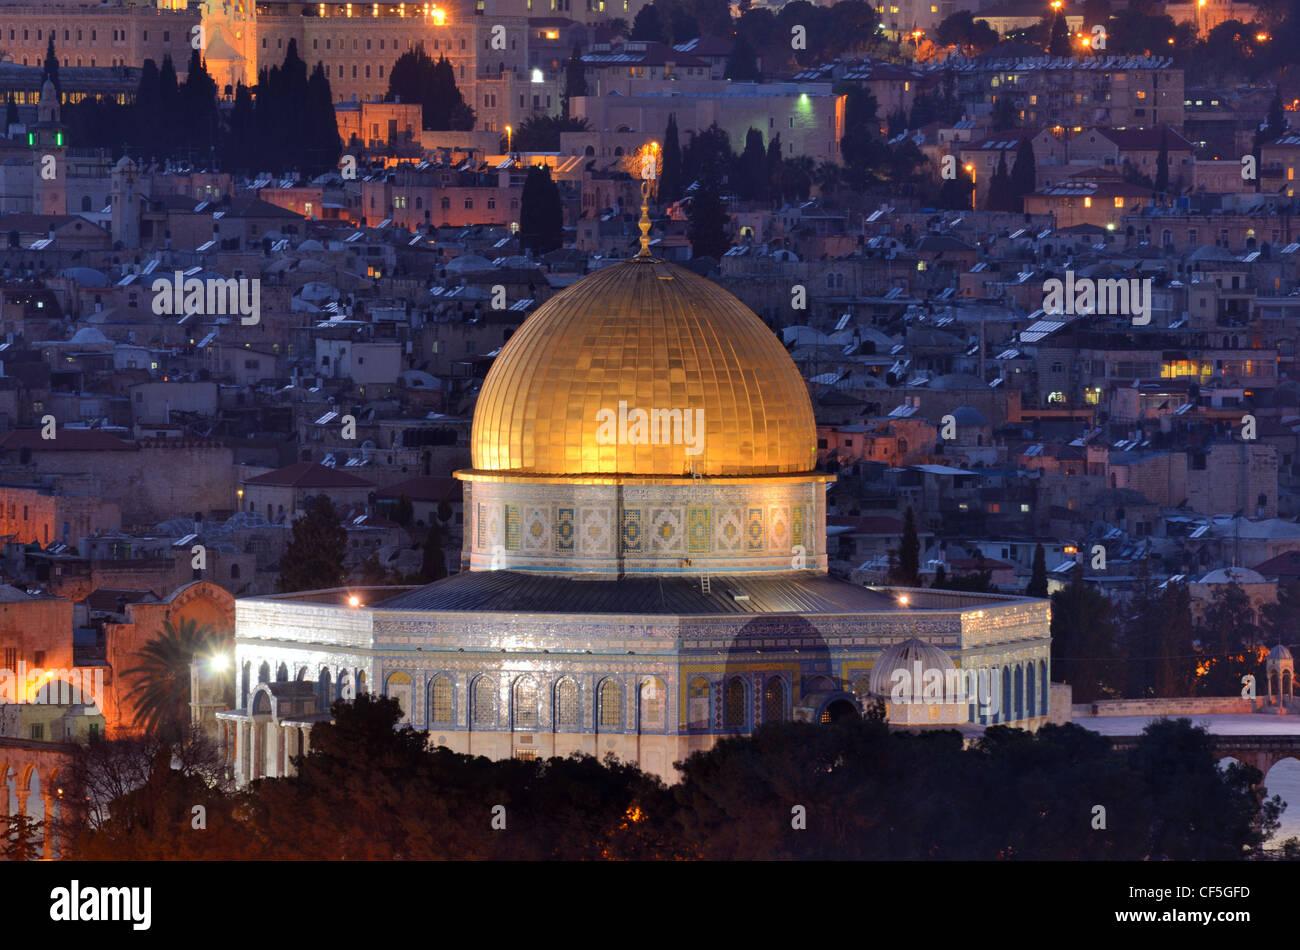 La cúpula de la roca a lo largo de la silueta de la Ciudad Vieja de Jerusalén, Israel. Imagen De Stock